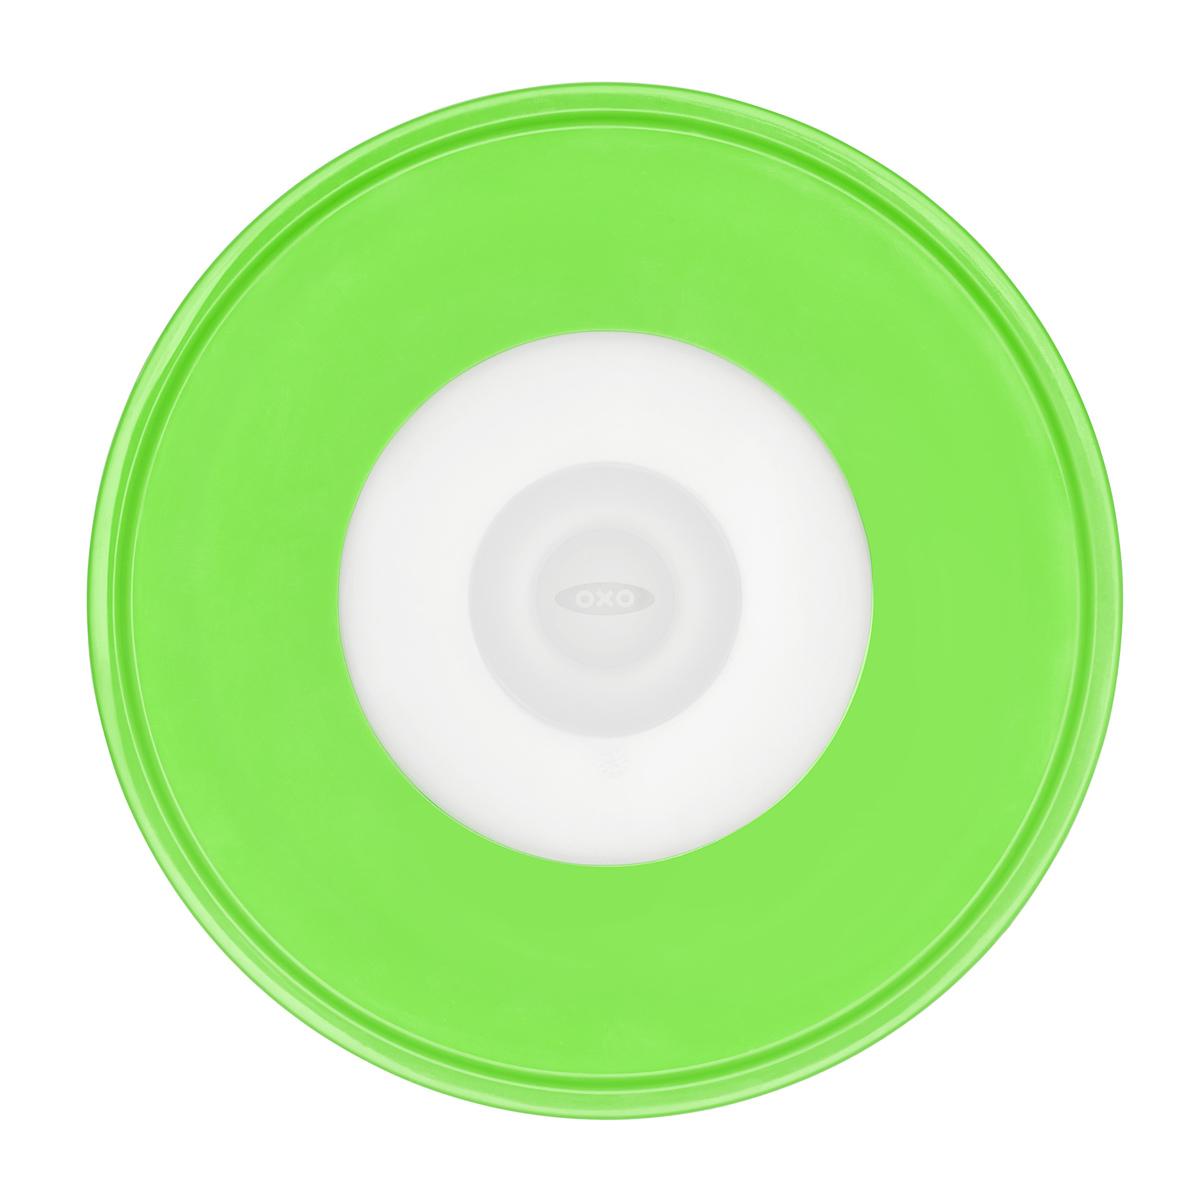 Онлайн каталог PROMENU: Крышка силиконовая средняя OXO FOOD STORAGE, диаметр 20,3 см, зеленый OXO 11242400